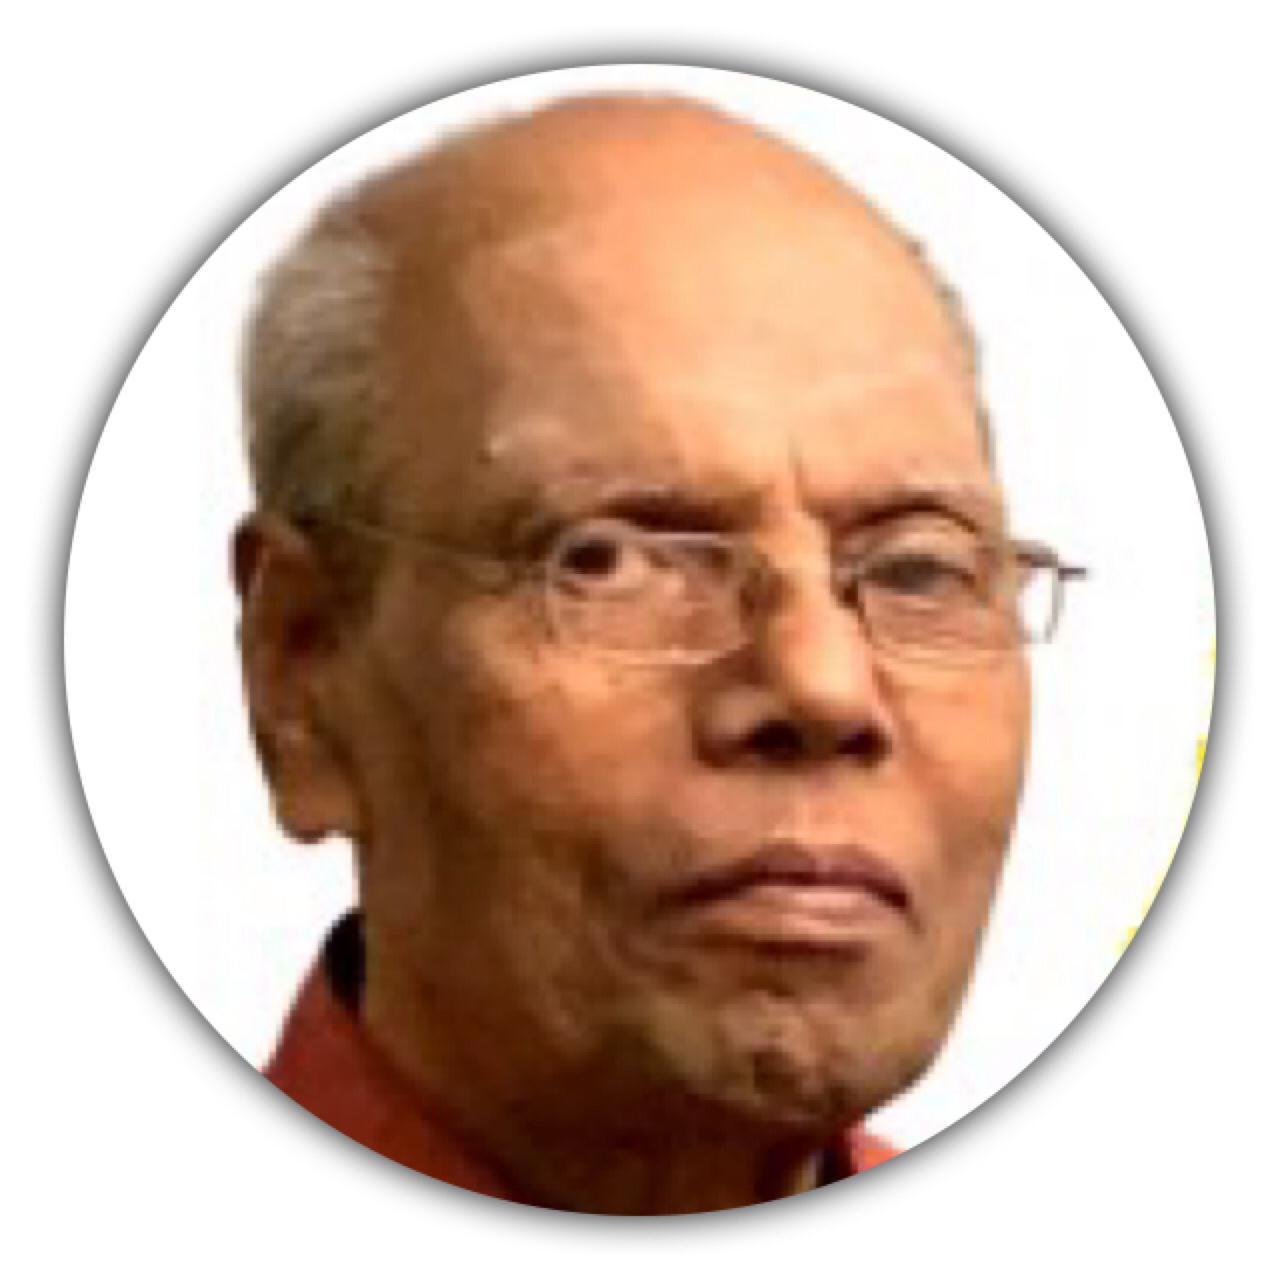 திரு. தம்பு நடராஜா